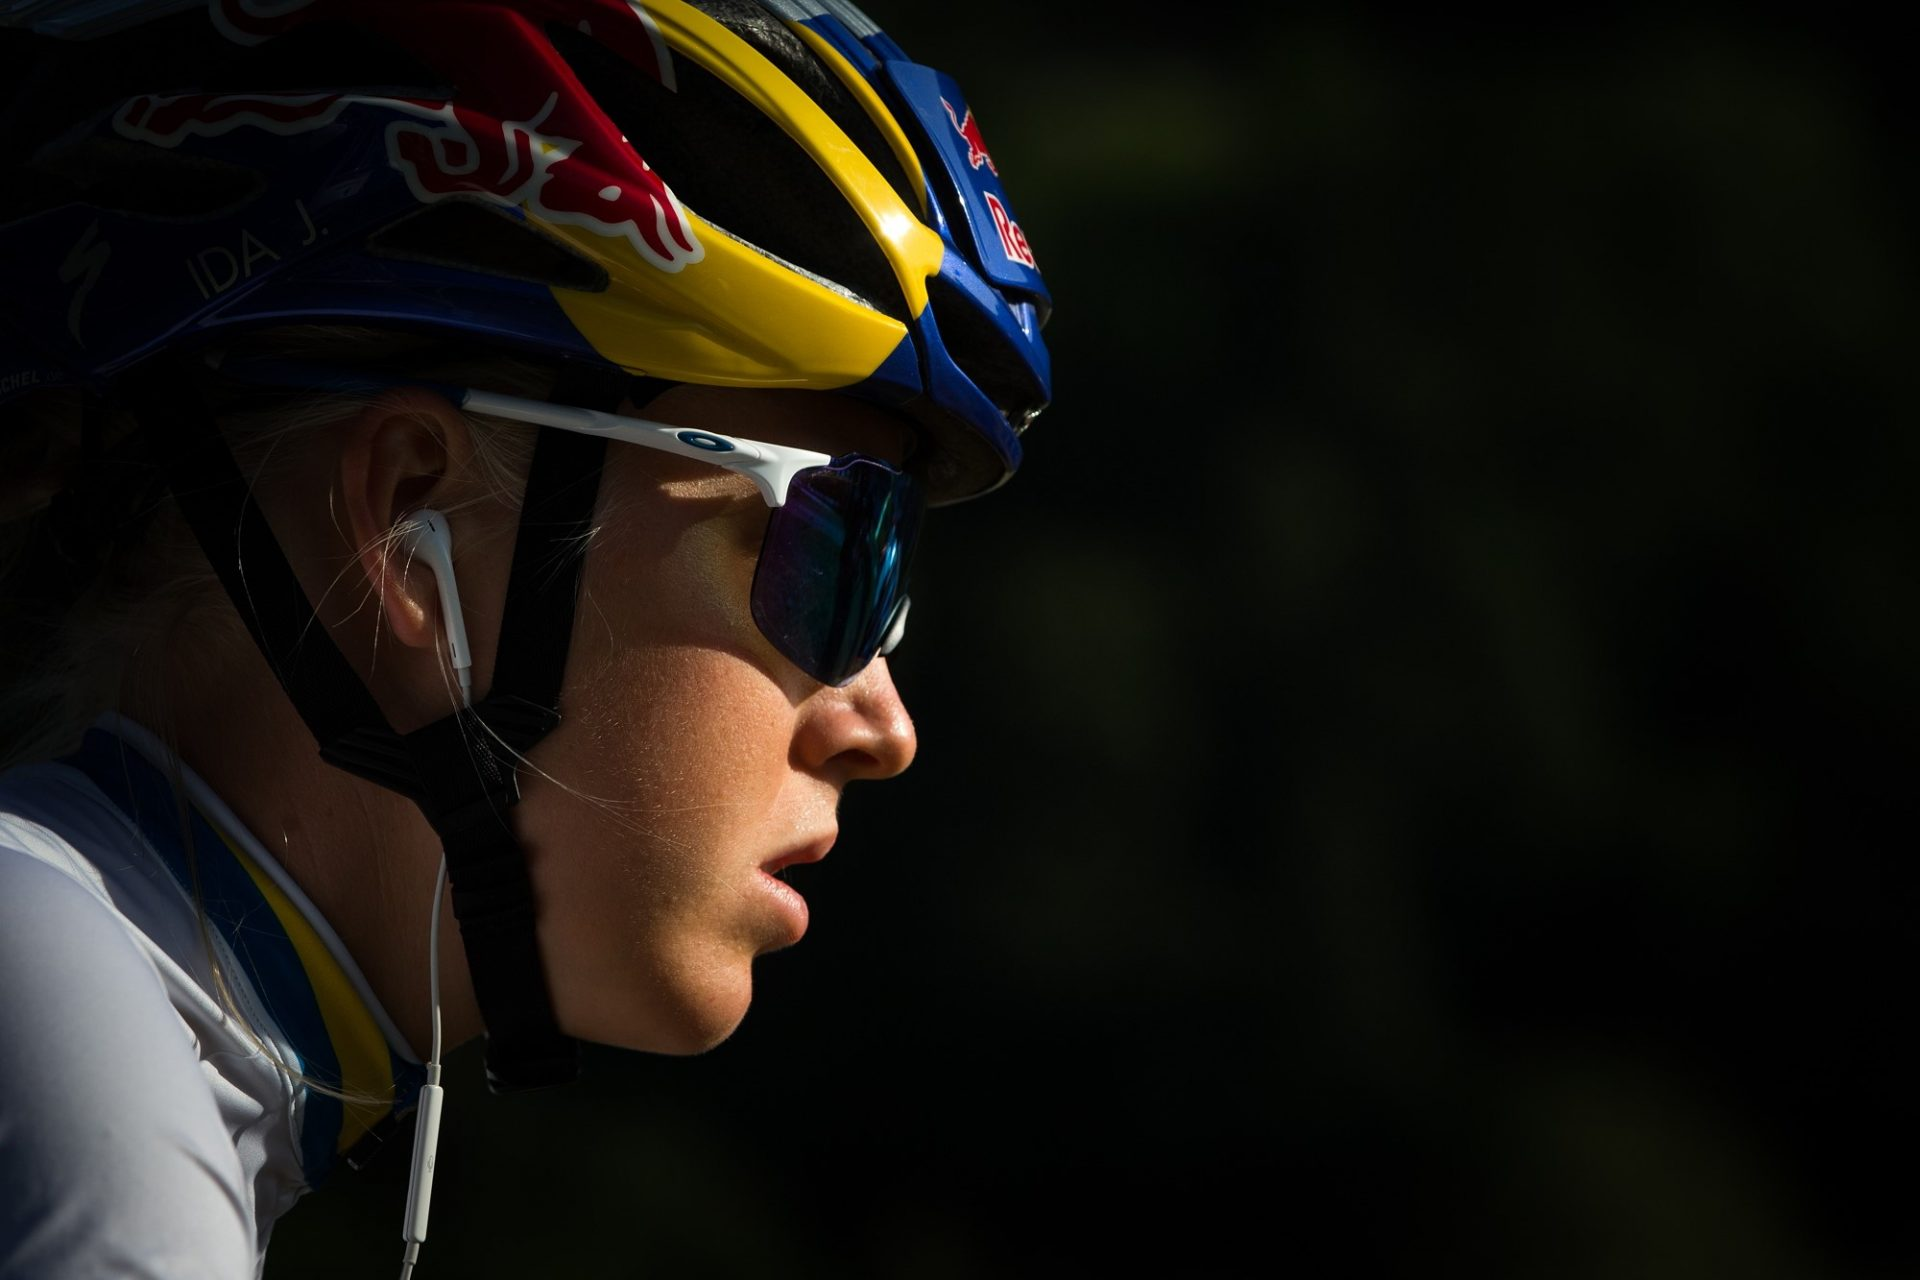 Sluchátka, respektive poslech muziky při jízdě na kole, představují obrovský nešvar. Foto: Michal Červený (3x)